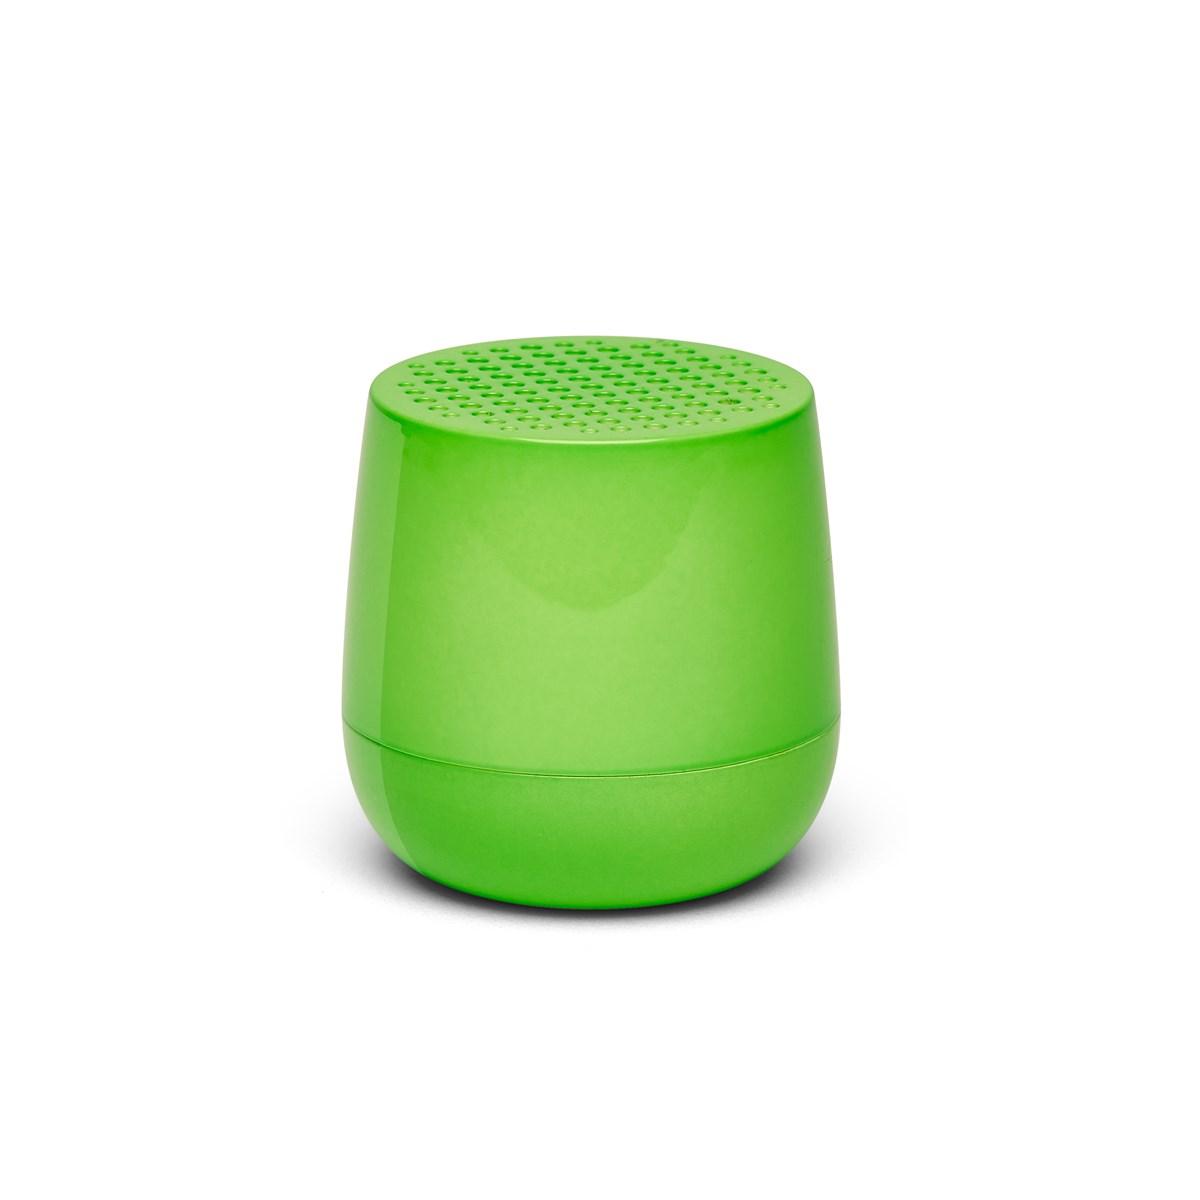 Enceinte bluetooth 3W rechargeable en ABS vert fluo